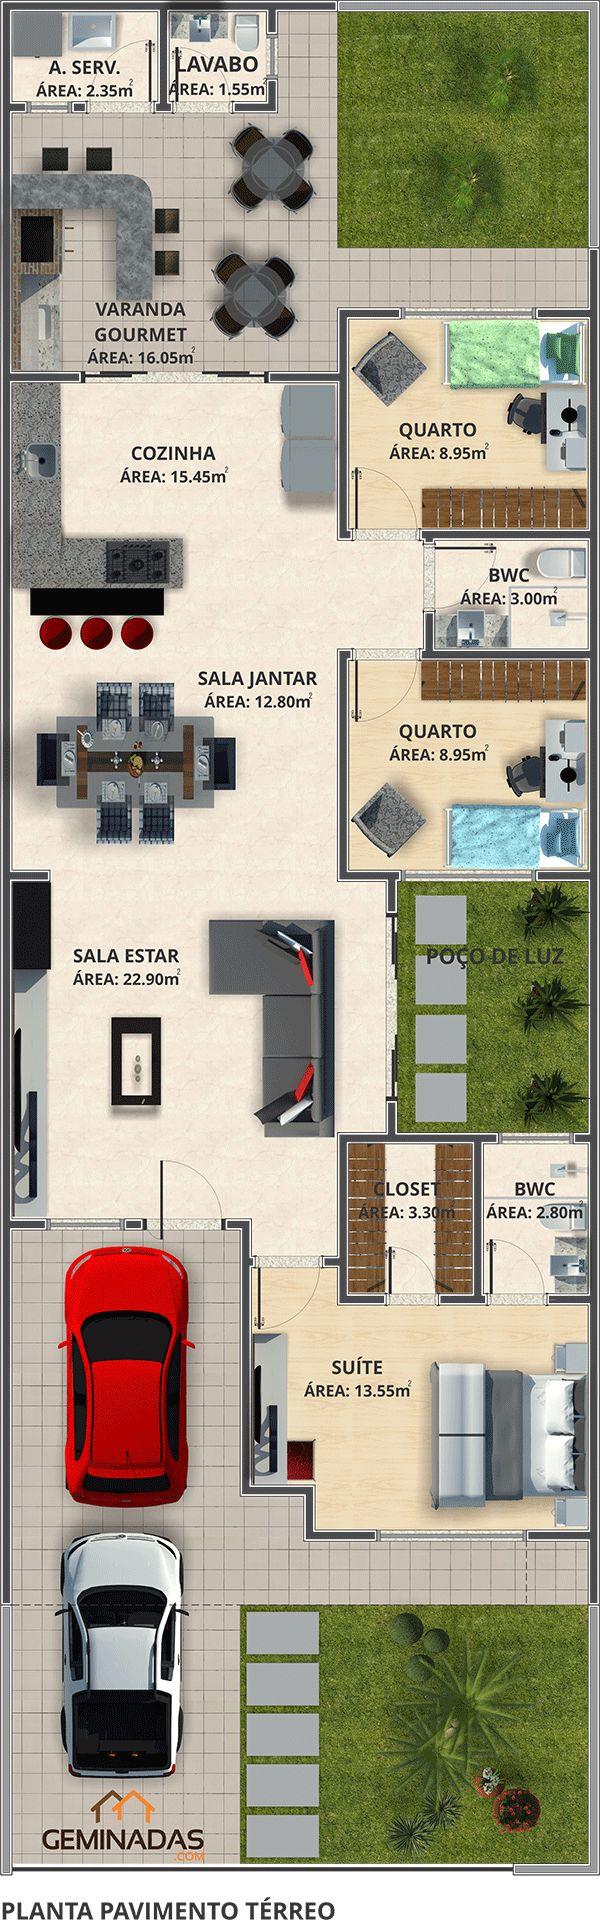 http://www.geminadas.com/uploads/plantas/reduzida_alterada.png